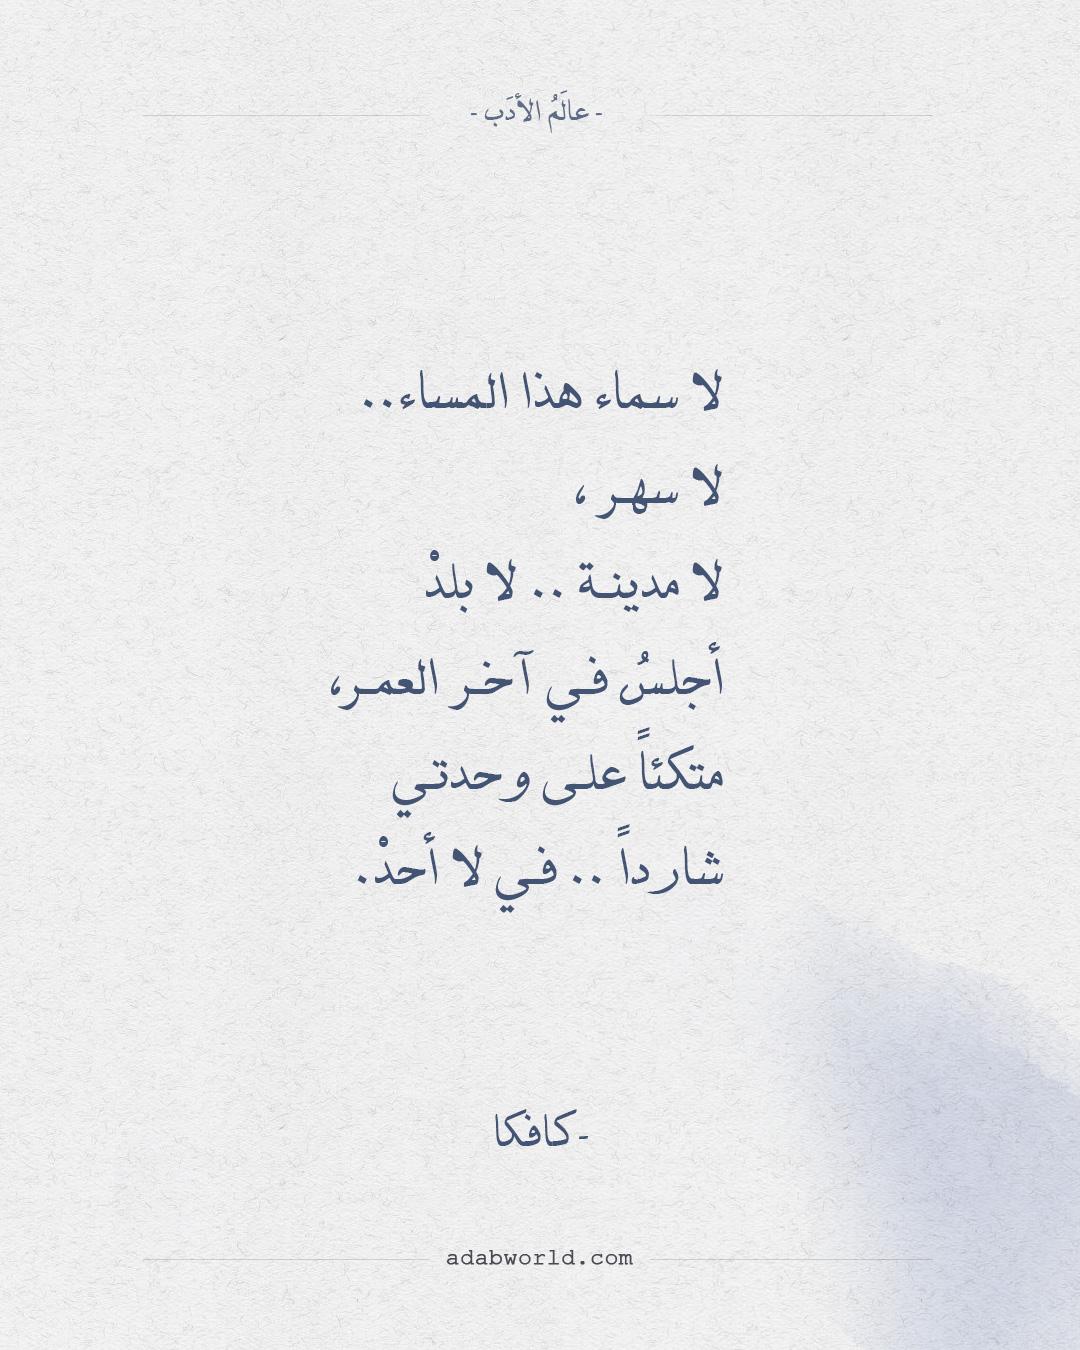 اقتباسات كافكا - لا سماء هذا المساء